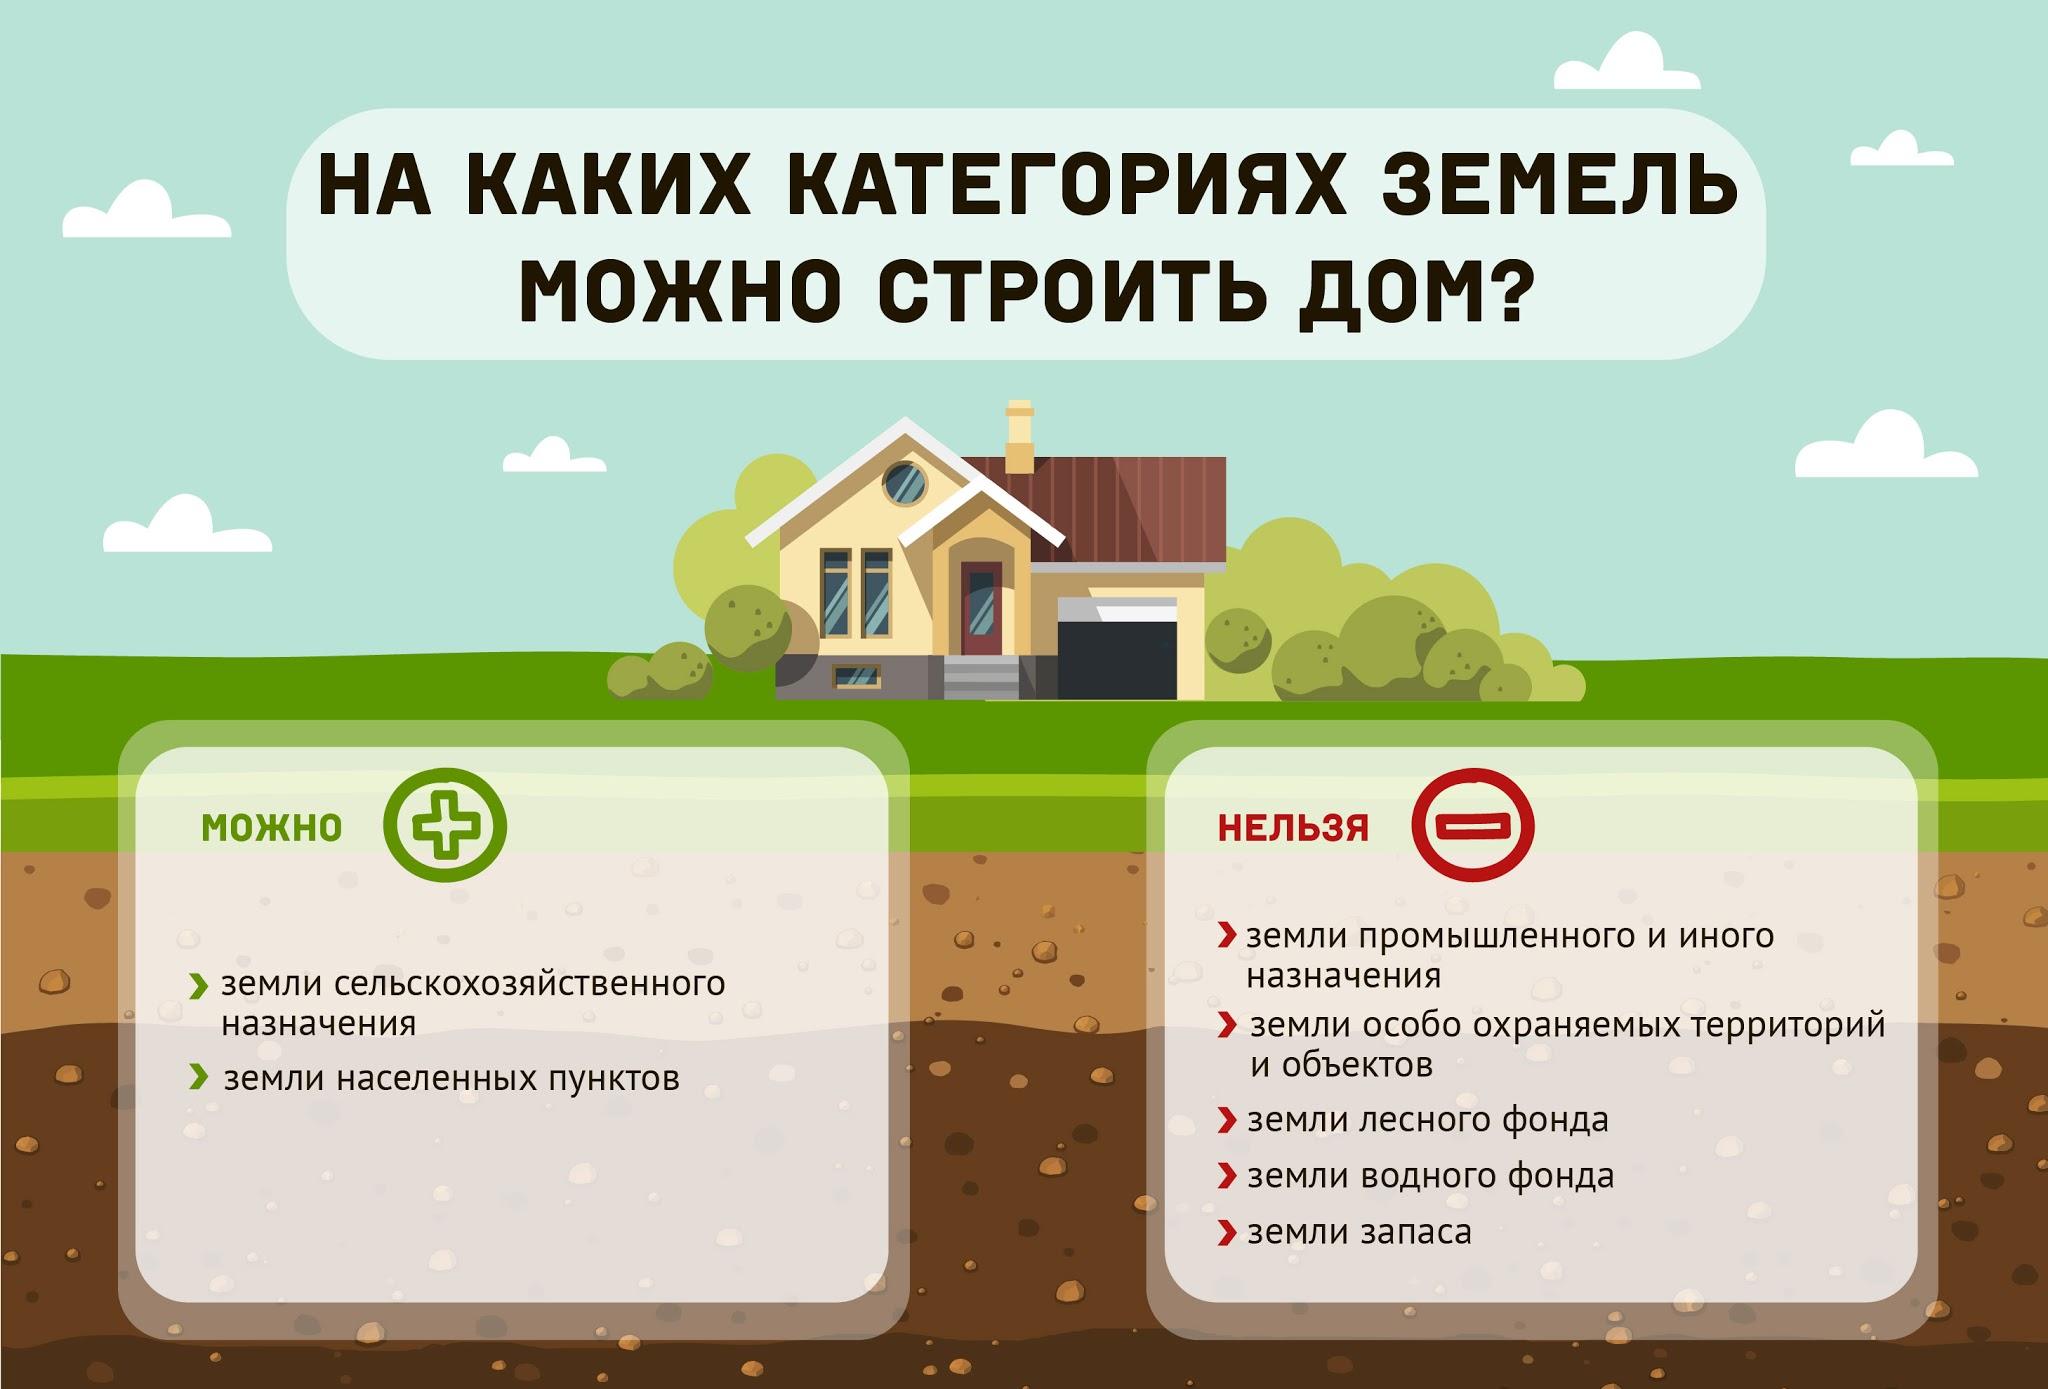 kategoriya-uchastka-zemli-foto-video-zemli-dlya-stroitelstva-dachi-2